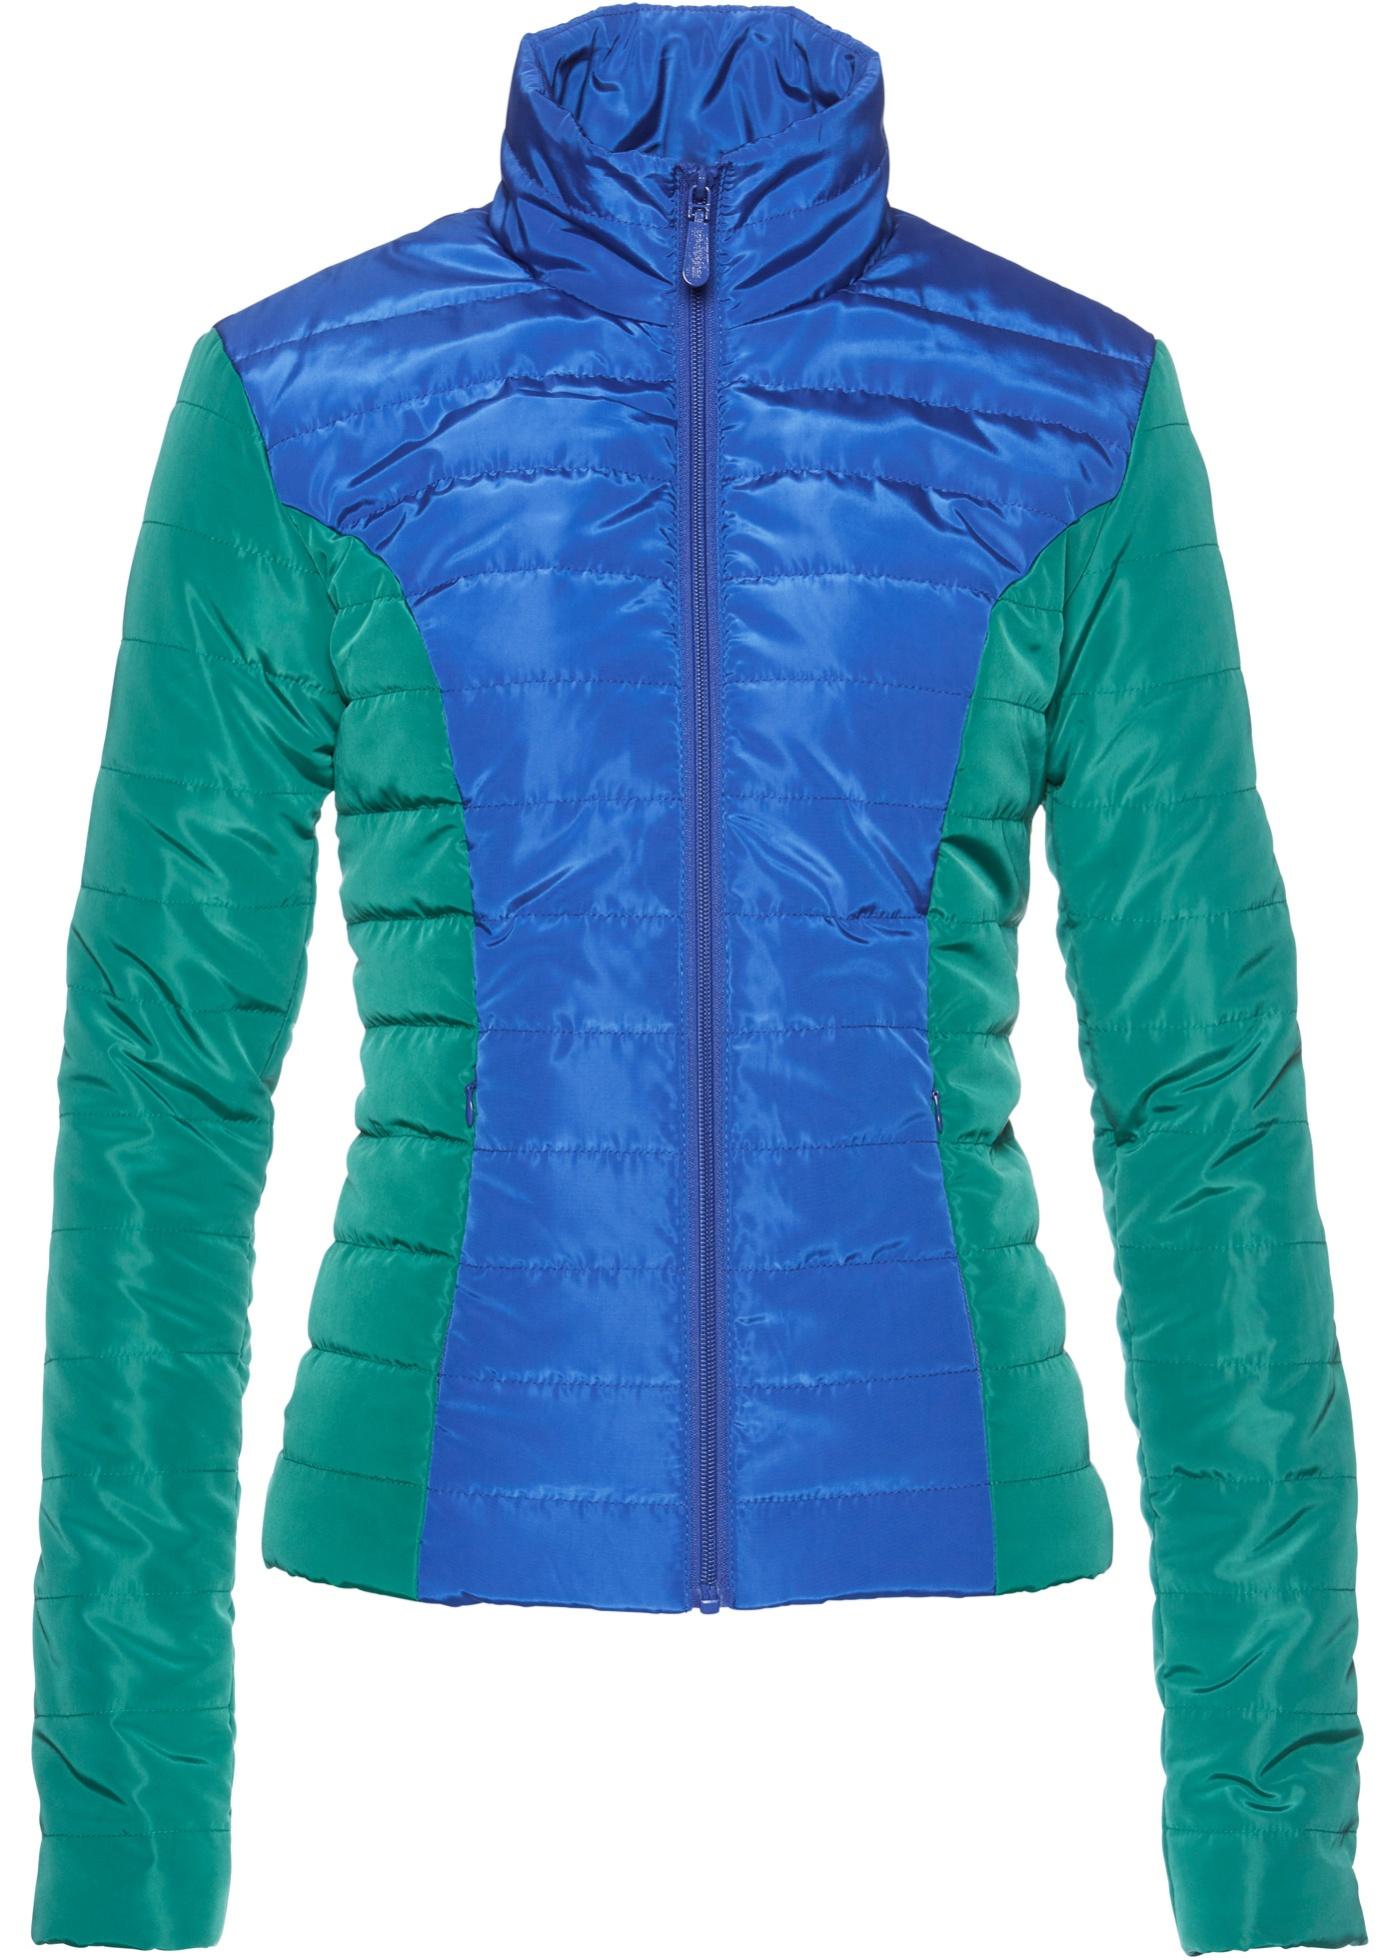 Bonprix SE - Quiltad jacka med kontrastfärgade isättningar 269.00